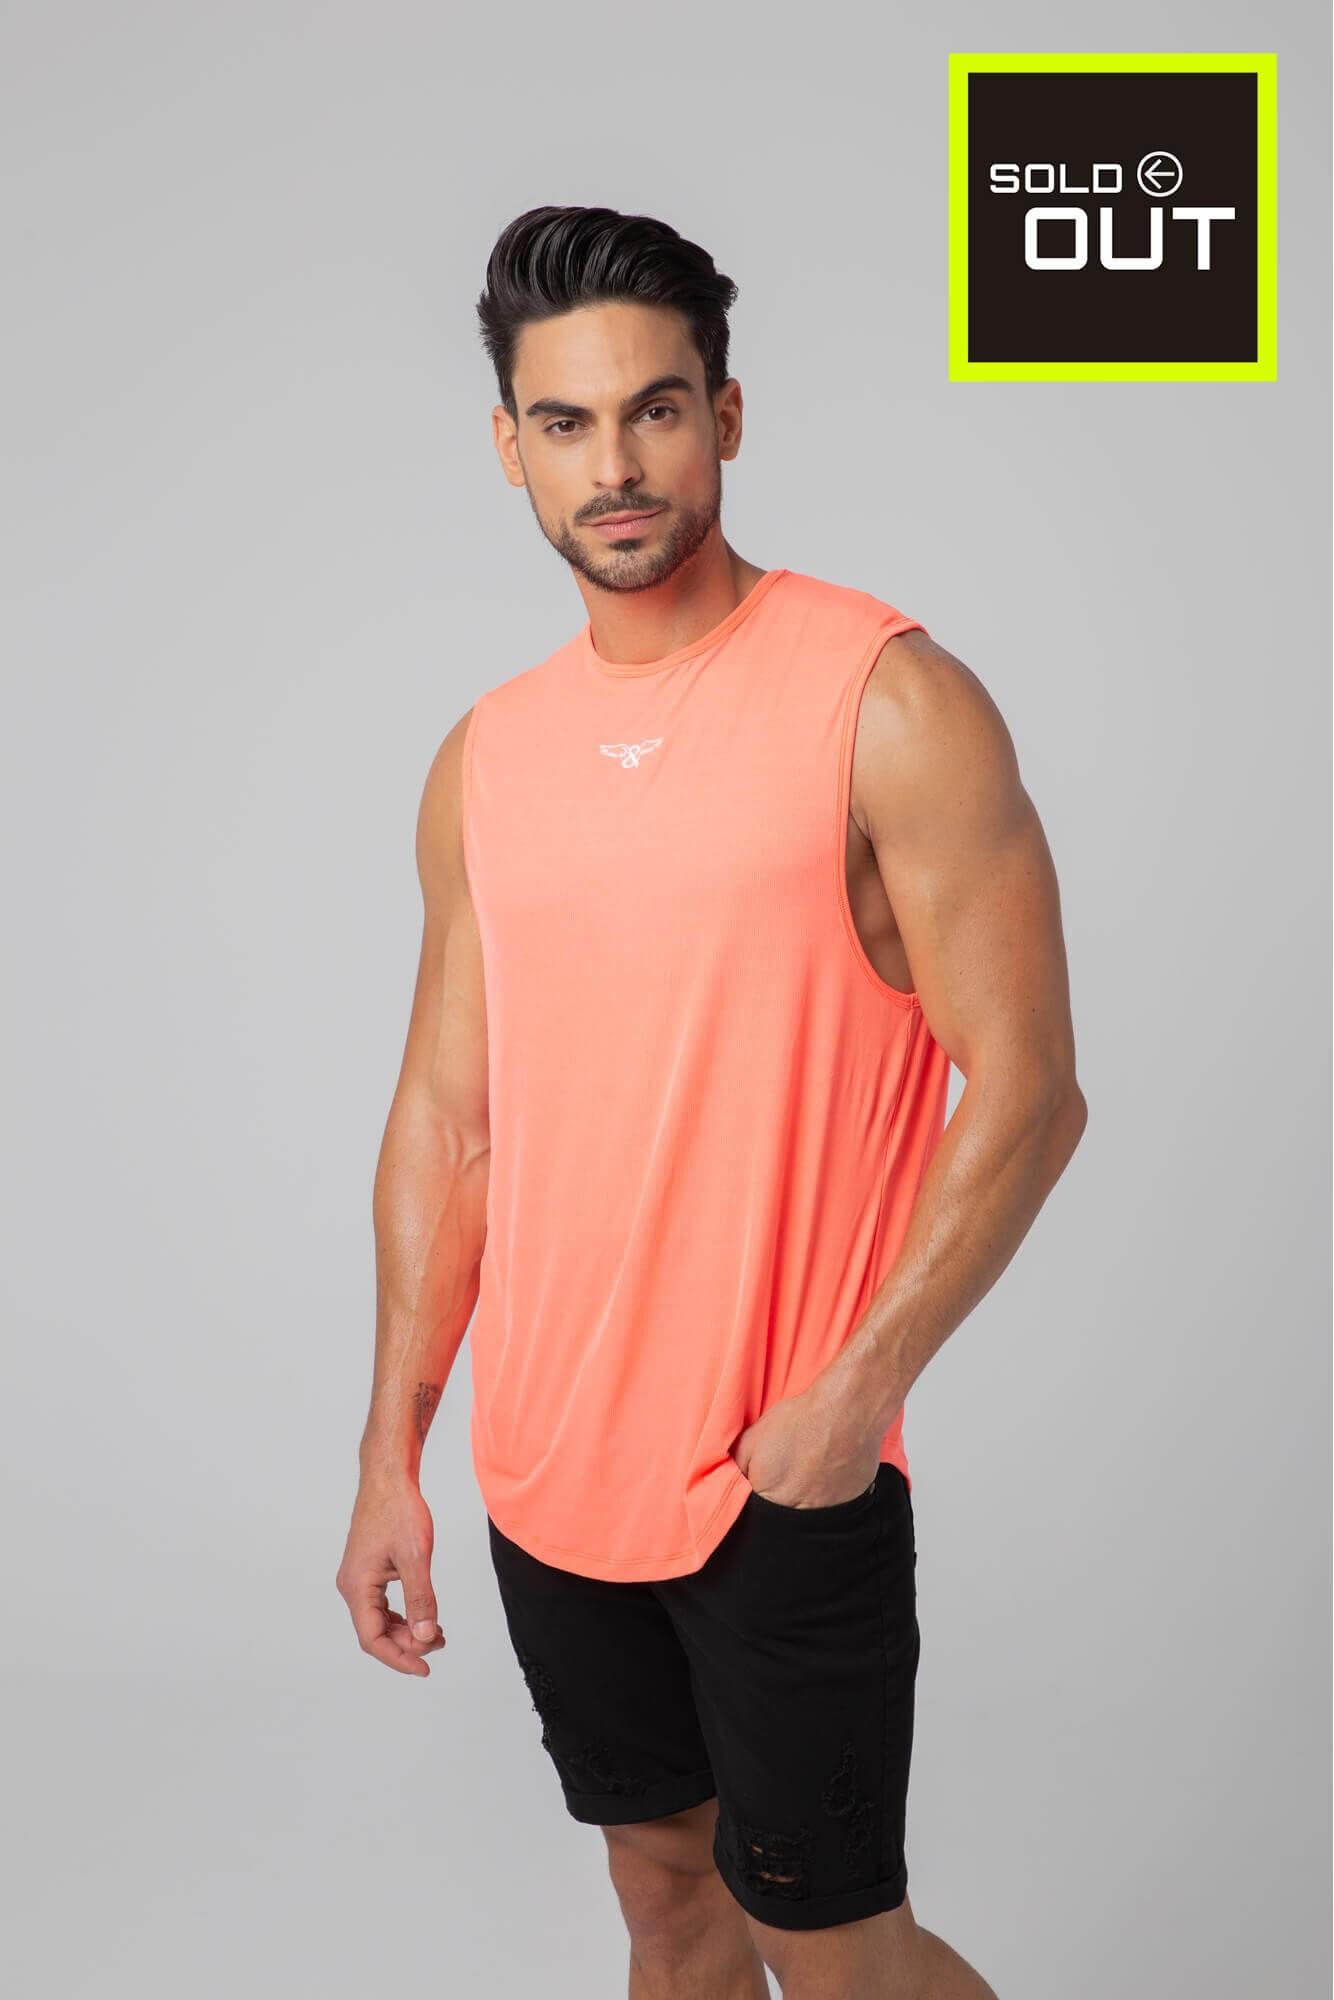 Tank Classique Tricolor de la marque ELIU. Slim Fit. Mode pour hommes de style urbain ELIU streetwear